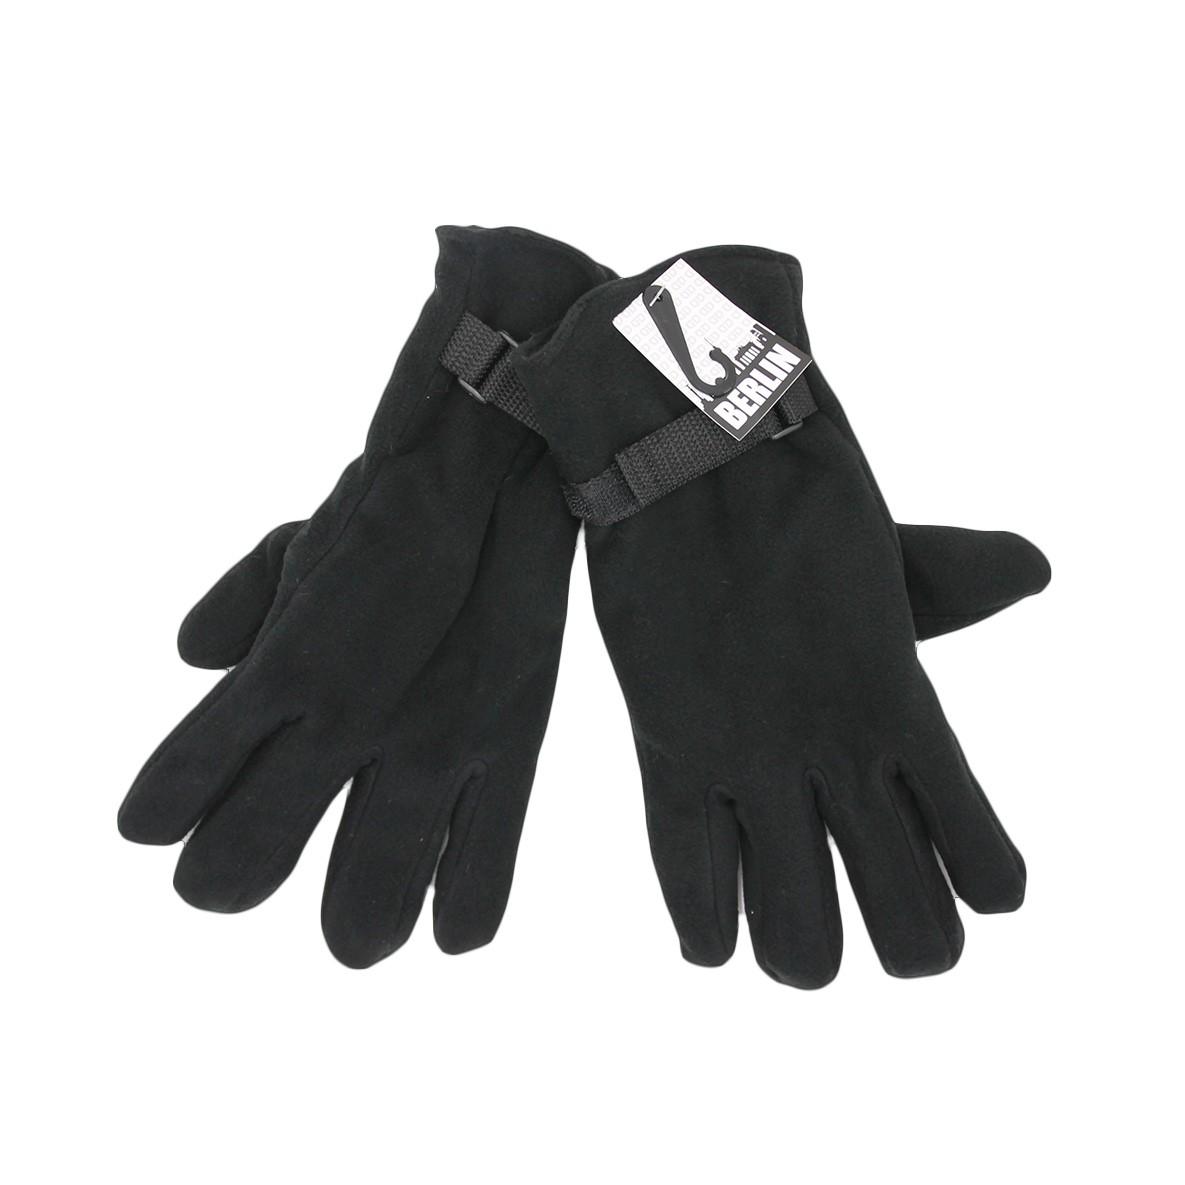 Handschuhe Herren Fleece schwarz